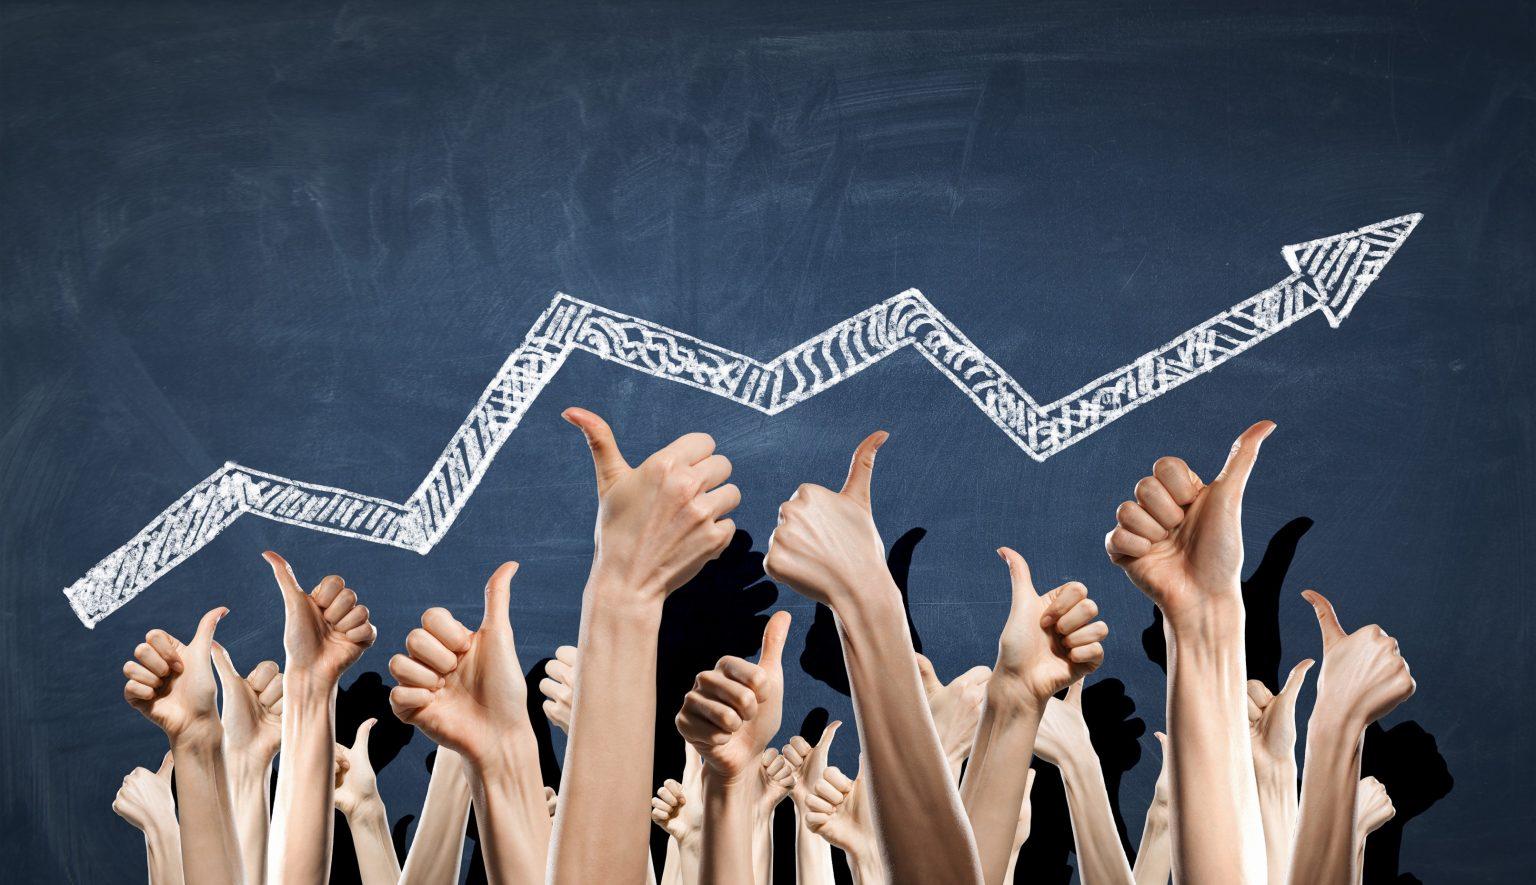 تقرير الاتحاد العالمي لجمعيات البيع المباشر لعام 2019 يُلقي الضوء على الإمكانيات الهائلة لقطاع البيع المباشر